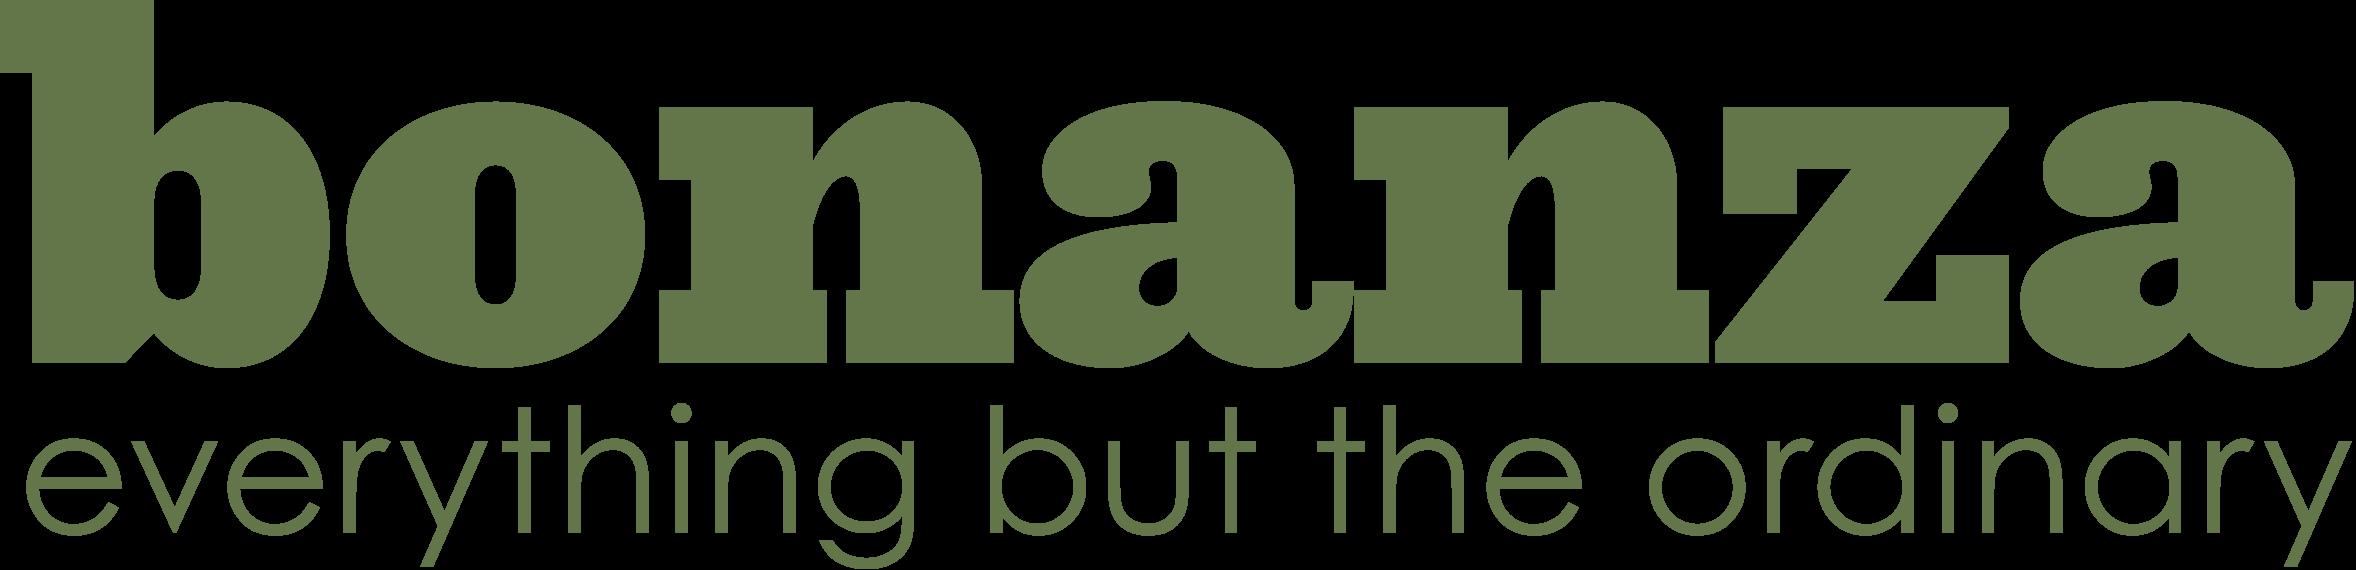 bonanza-hi-res-logo-green.png